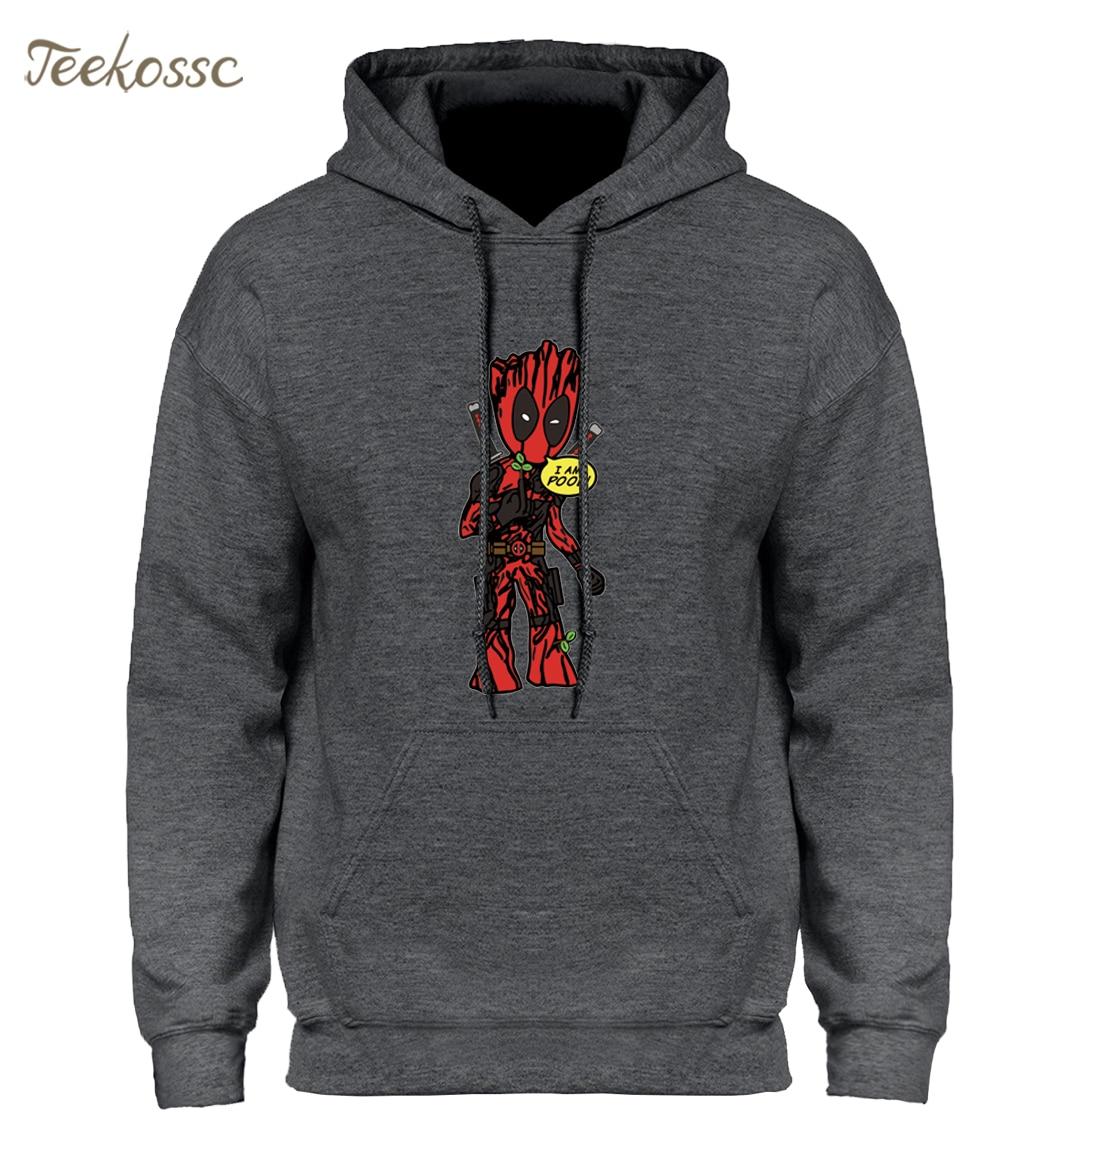 I AM GROOT Hoodie Men Deadpool Hoodies Anime Baby Pop Groot Hooded Sweatshirt Winter Autumn Super Hero Funny Print Hoody Homme